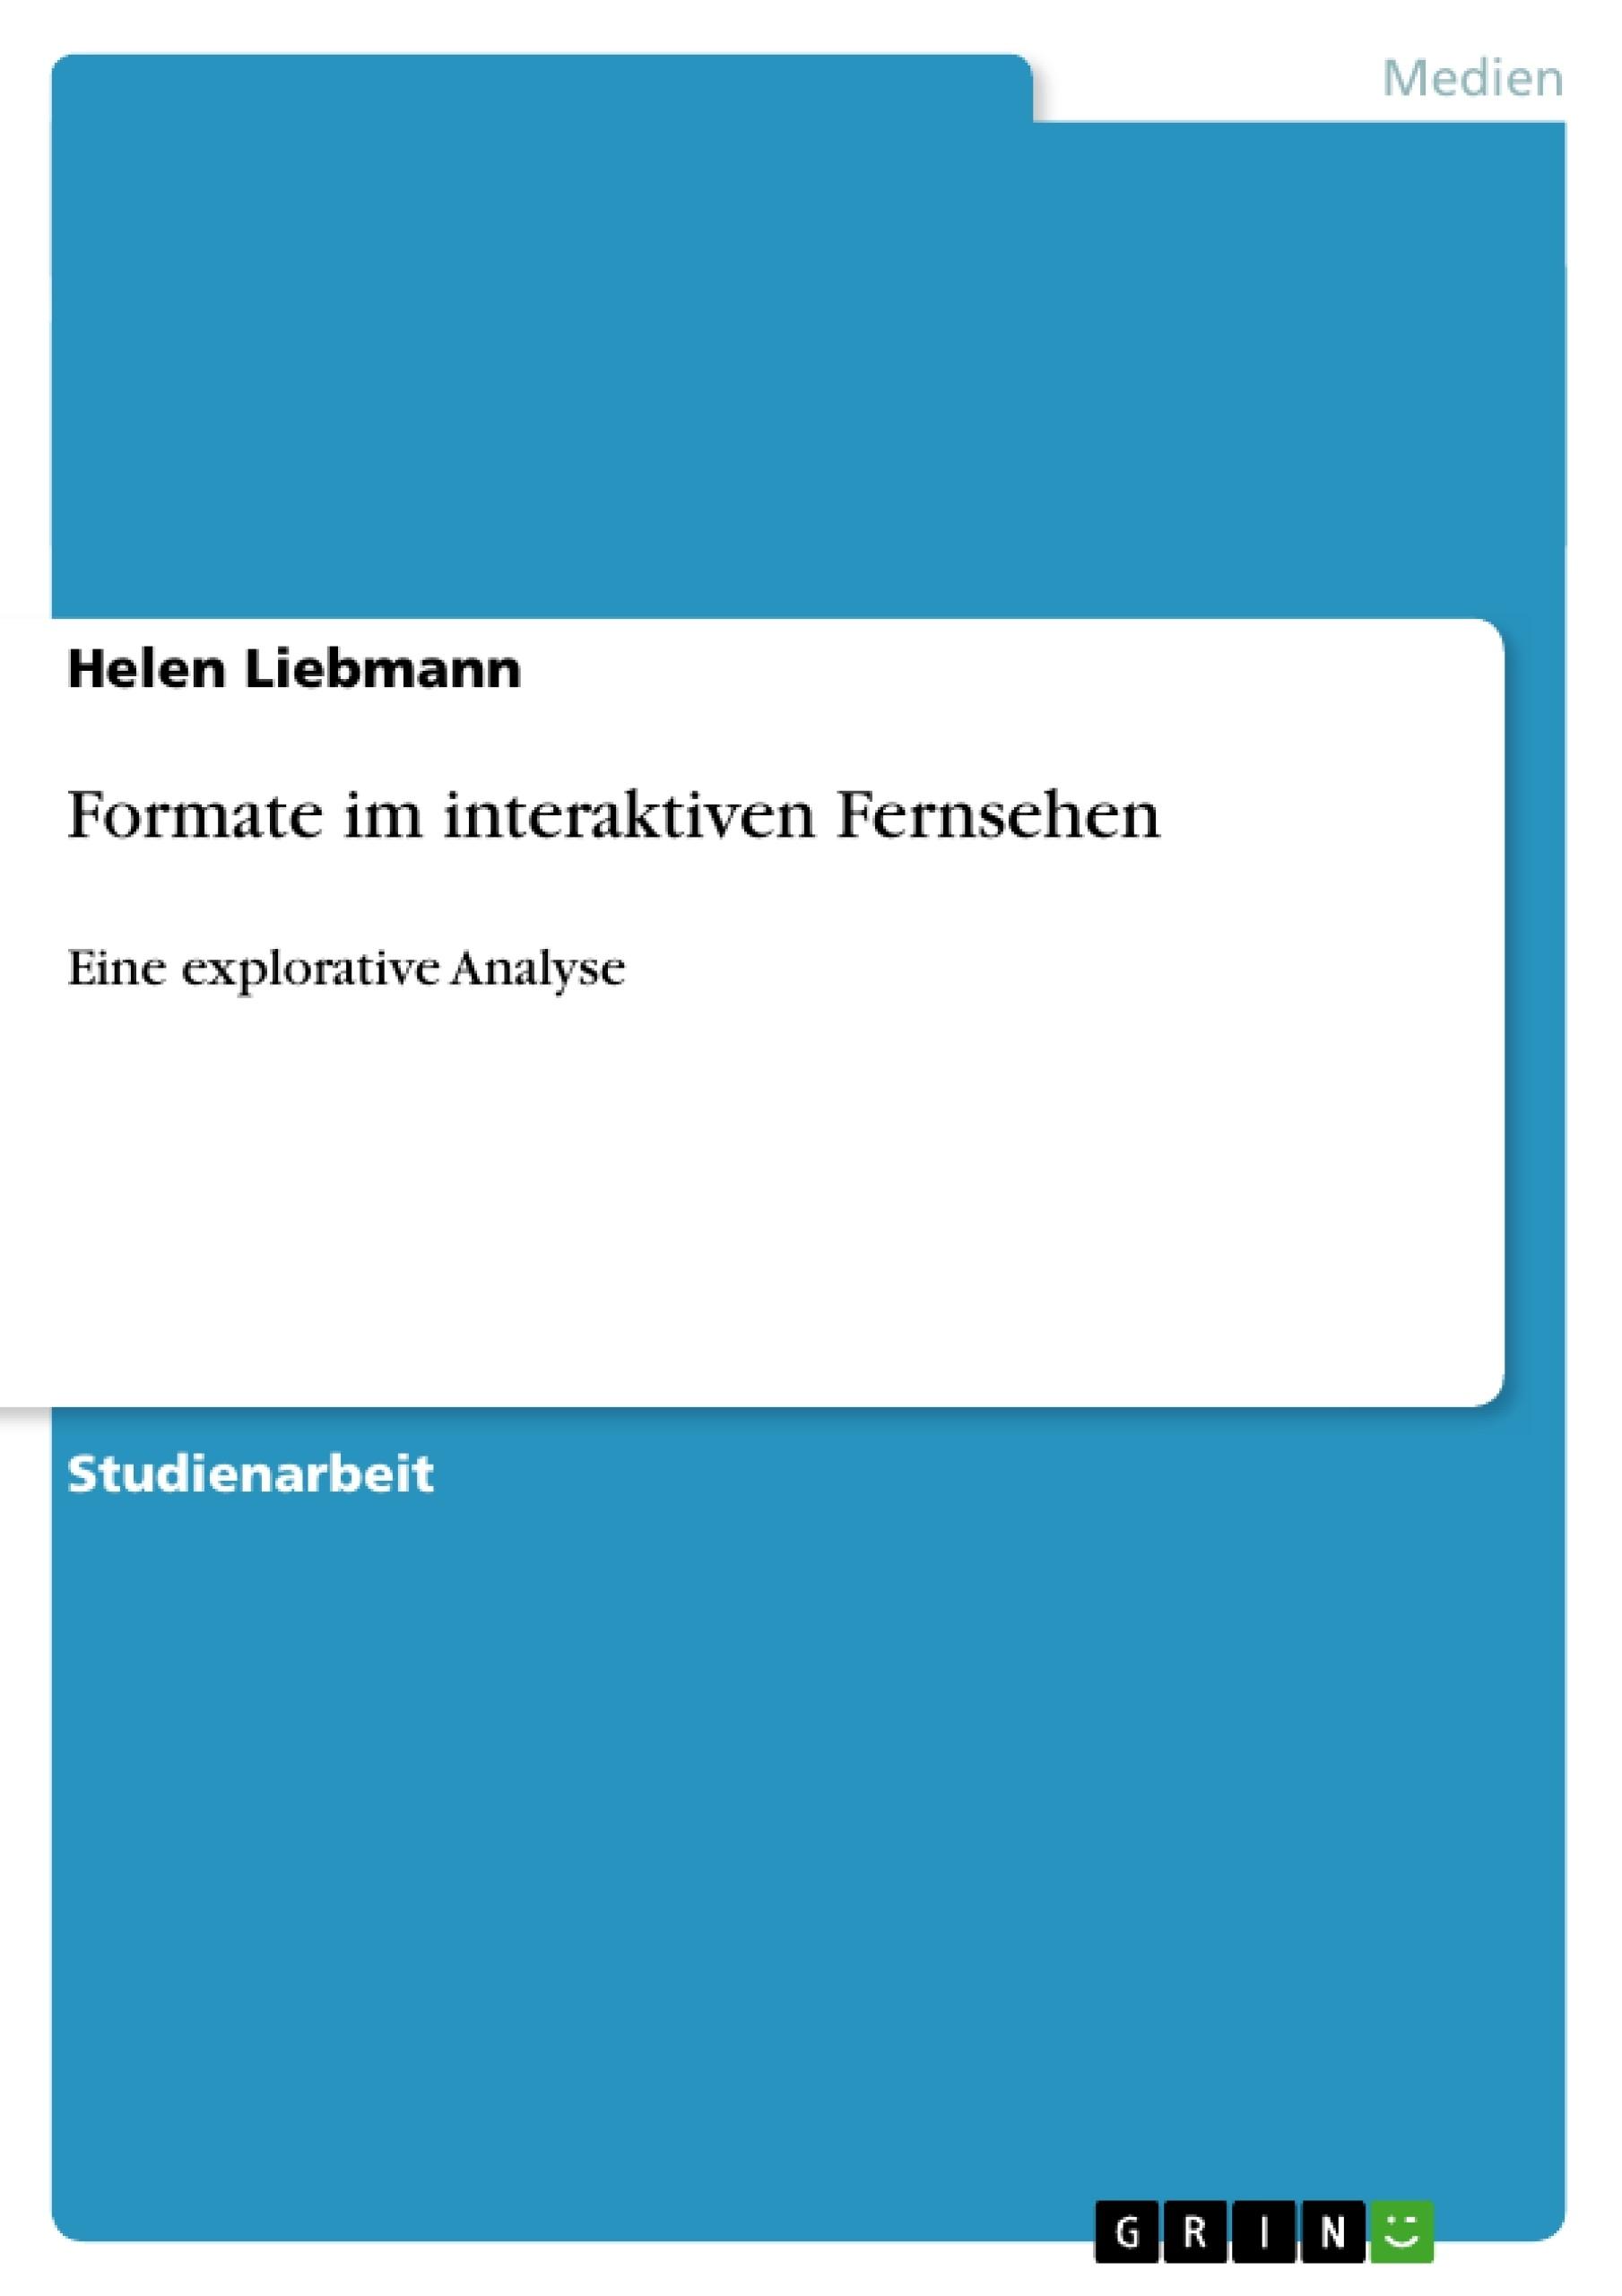 Titel: Formate im interaktiven Fernsehen